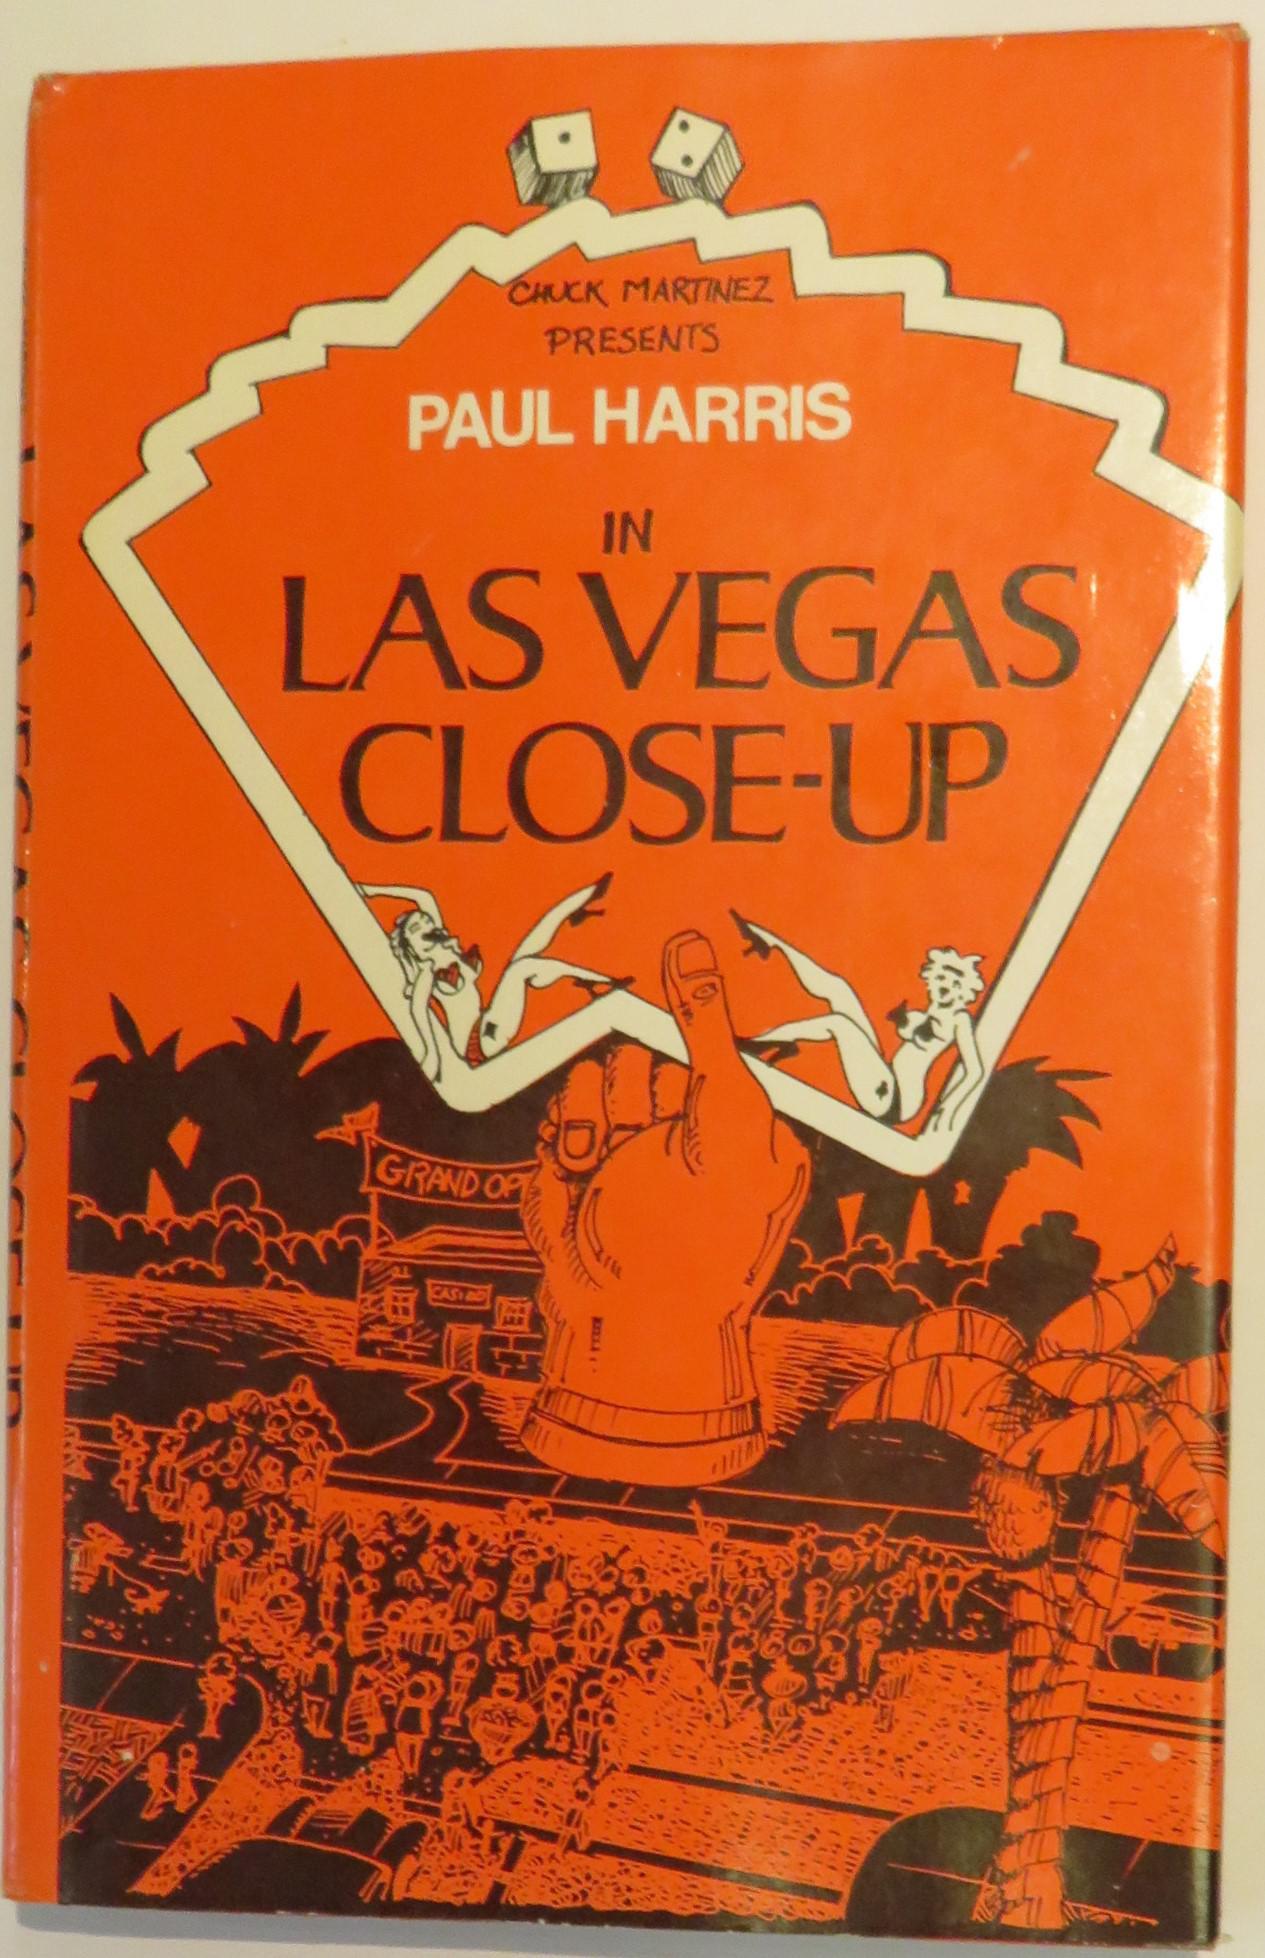 Paul Harris in Las Vegas Close-up